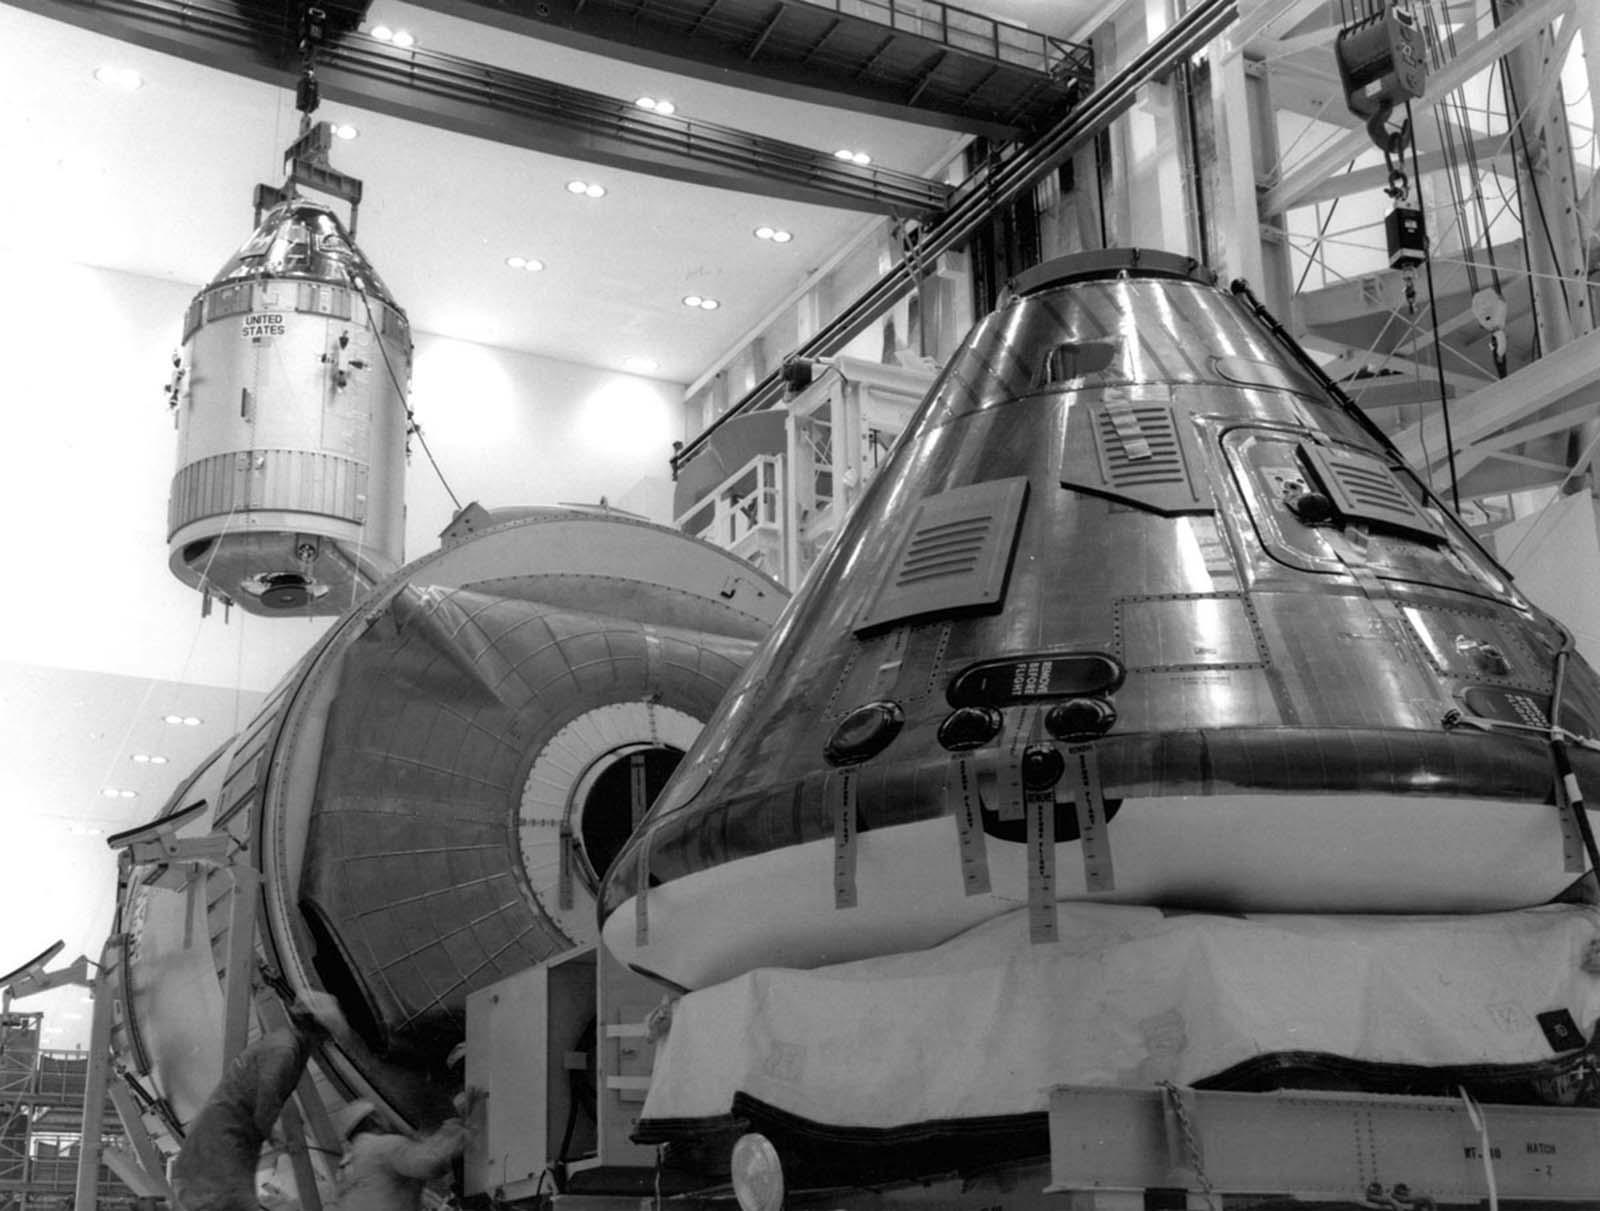 O módulo de comando e o módulo de serviço da missão Apollo 11 são movidos para o stand de trabalho em 1 de abril de 1969, em preparação para o primeiro pouso lunar tripulado.